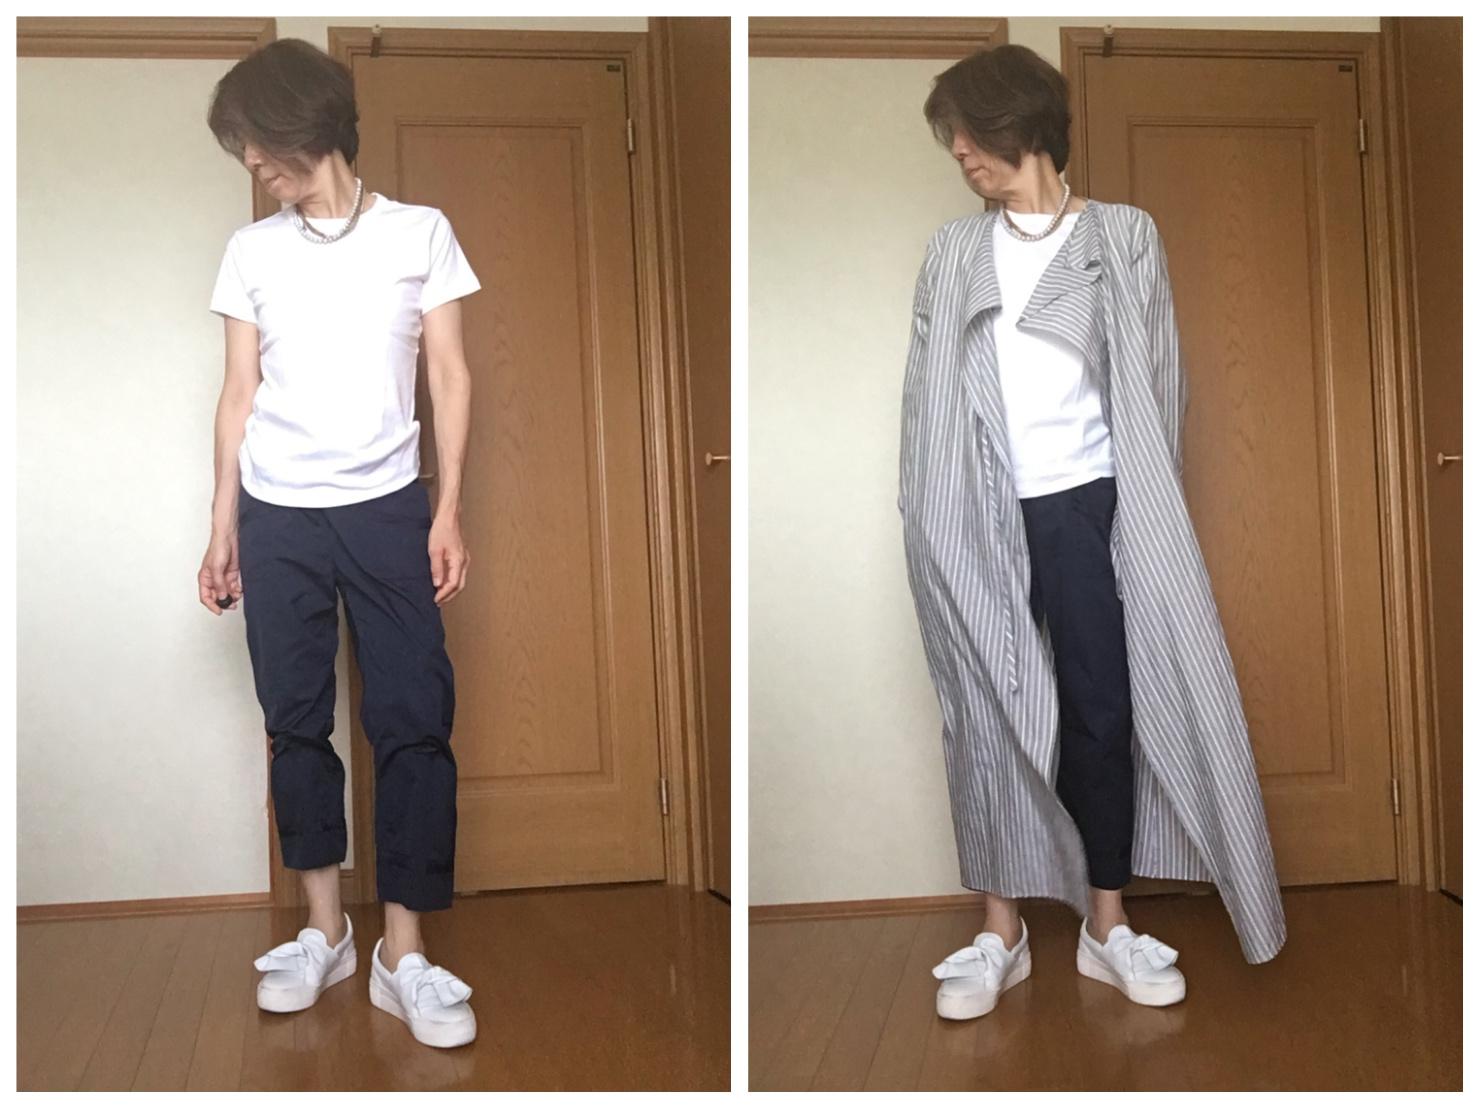 無印良品の白Tシャツと紺のパンツを合わせた写真